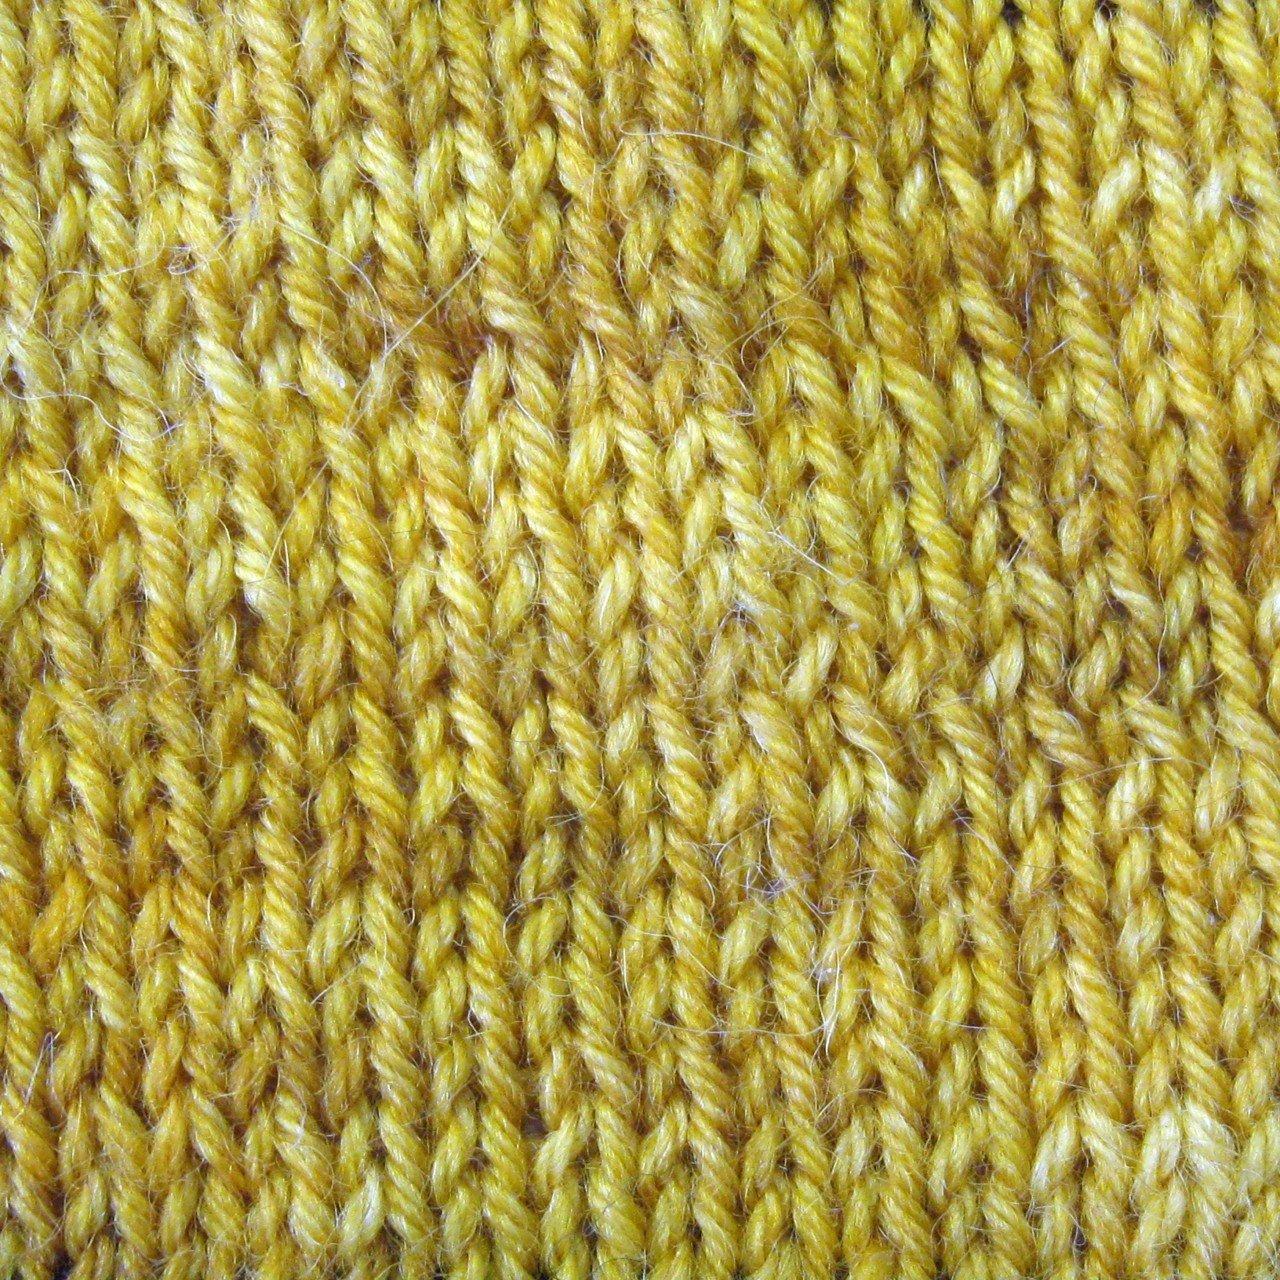 Alpaca and Superwash Wool Sock Yarn - Rumpelstiltskin